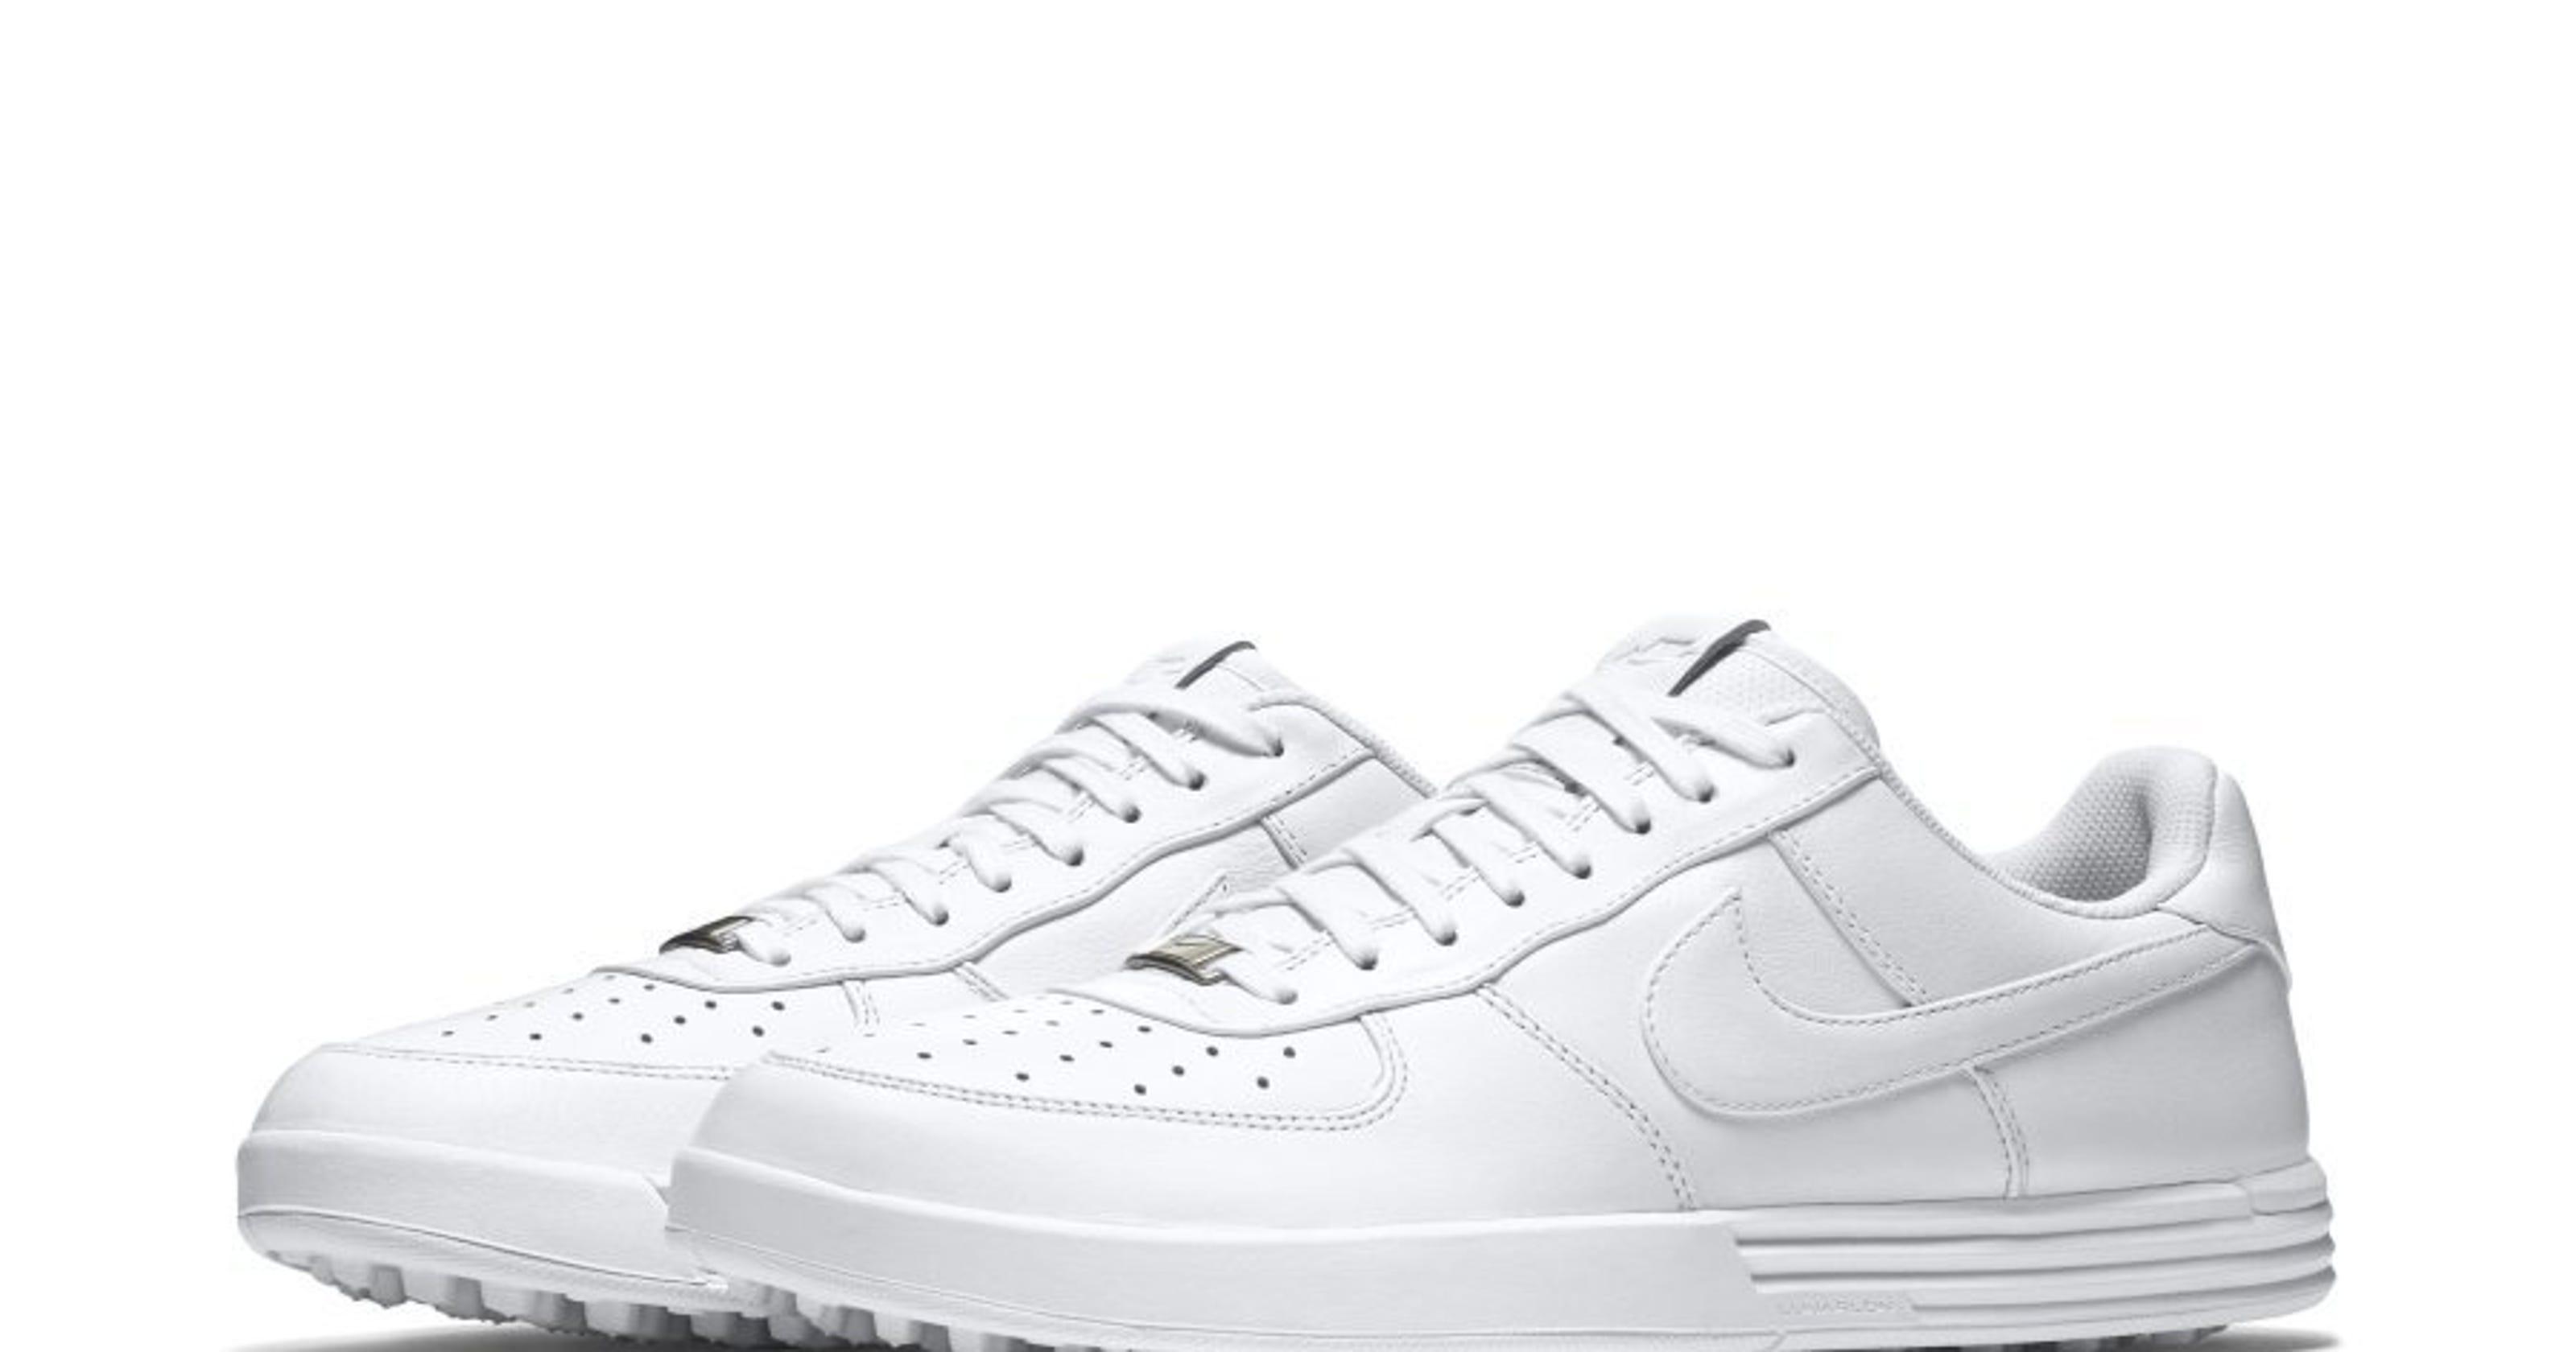 54468b18a4d05 GOLF GEAR  Nike Air Force 1 G golf shoes